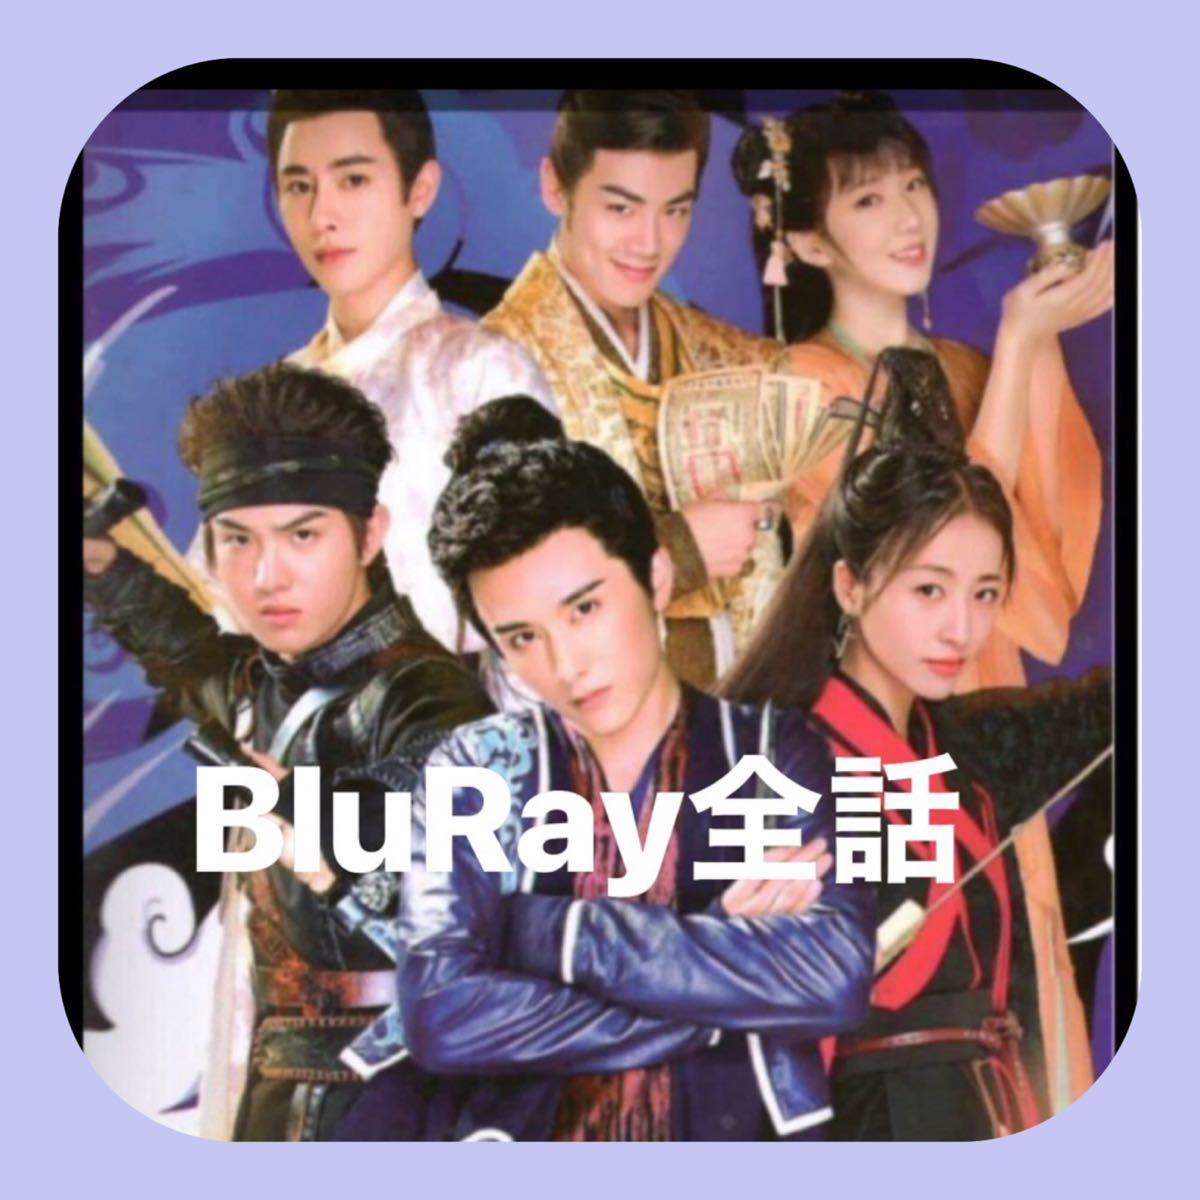 中国ドラマ大宋少年志〜secret mission〜 BluRay全話